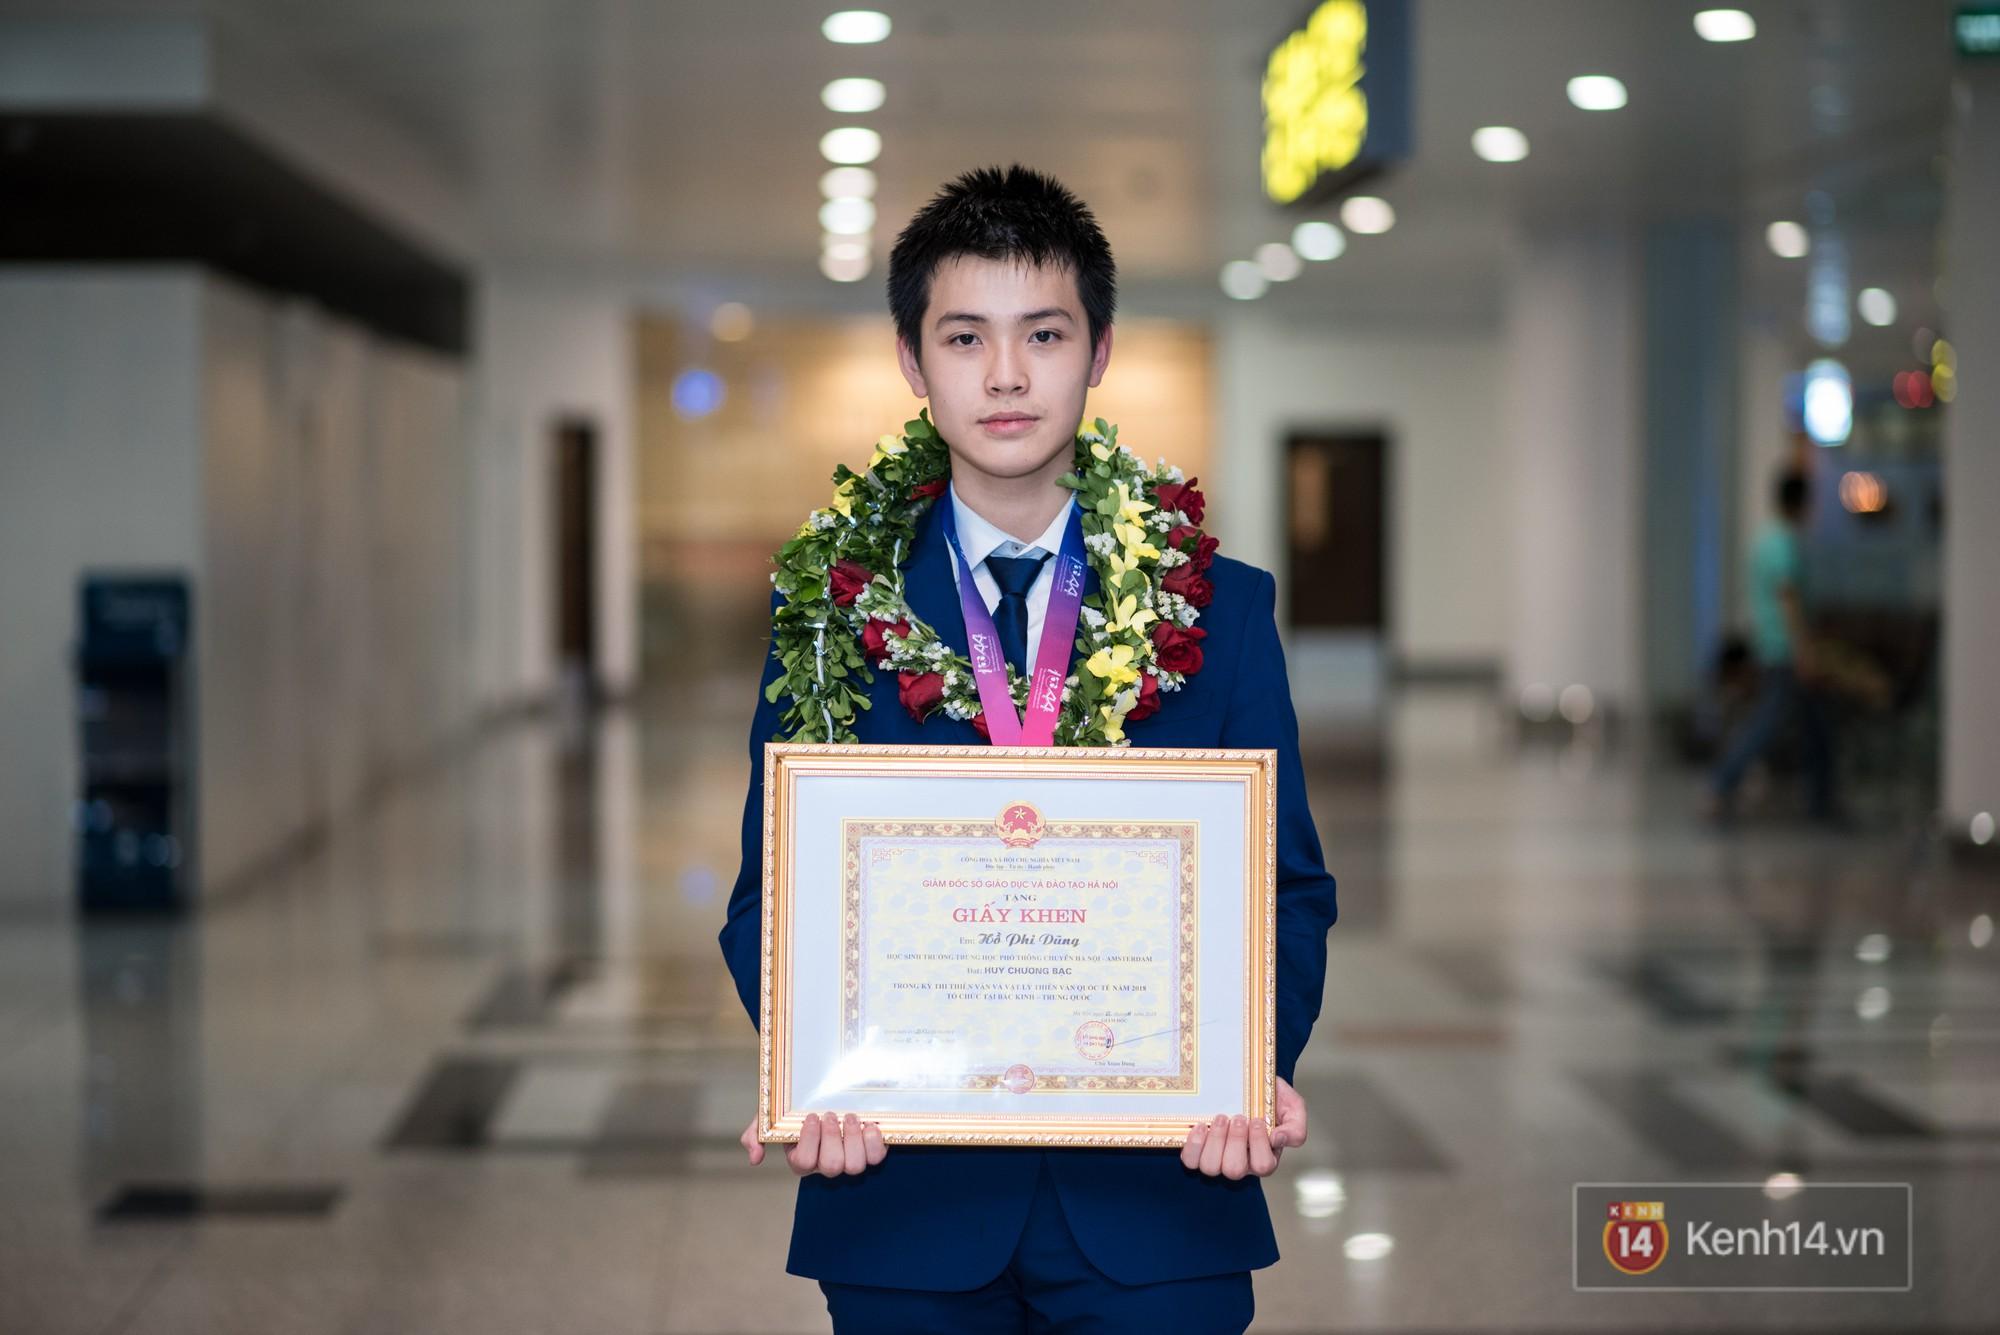 """Thí sinh Việt Nam 16 tuổi đẹp trai như """"nam thần"""" giành HCB Olympic Thiên văn học quốc tế"""